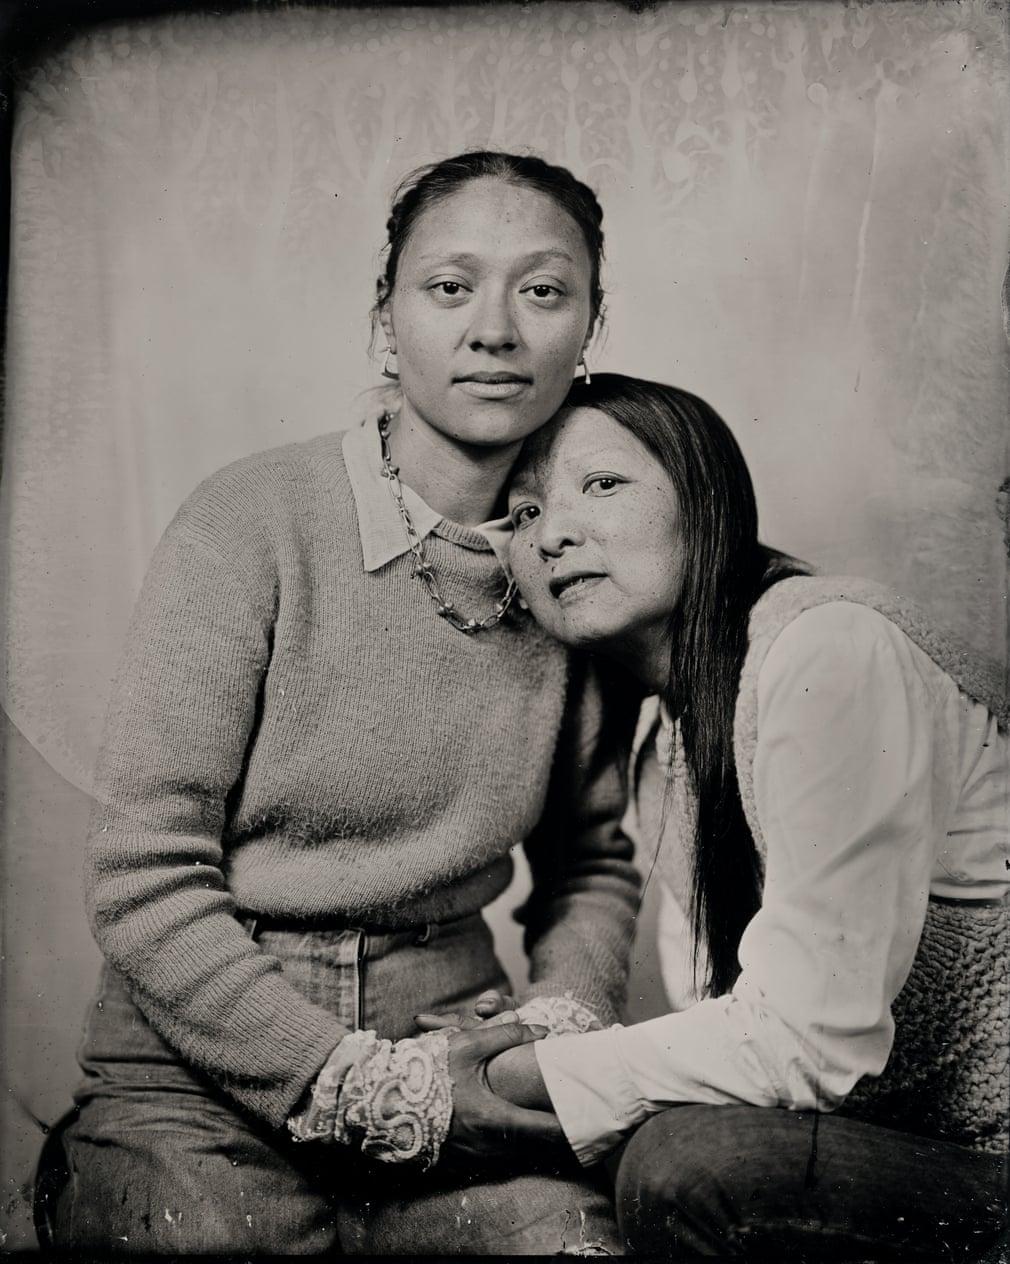 贝和玛德琳,孩子和母亲相拥,2020年